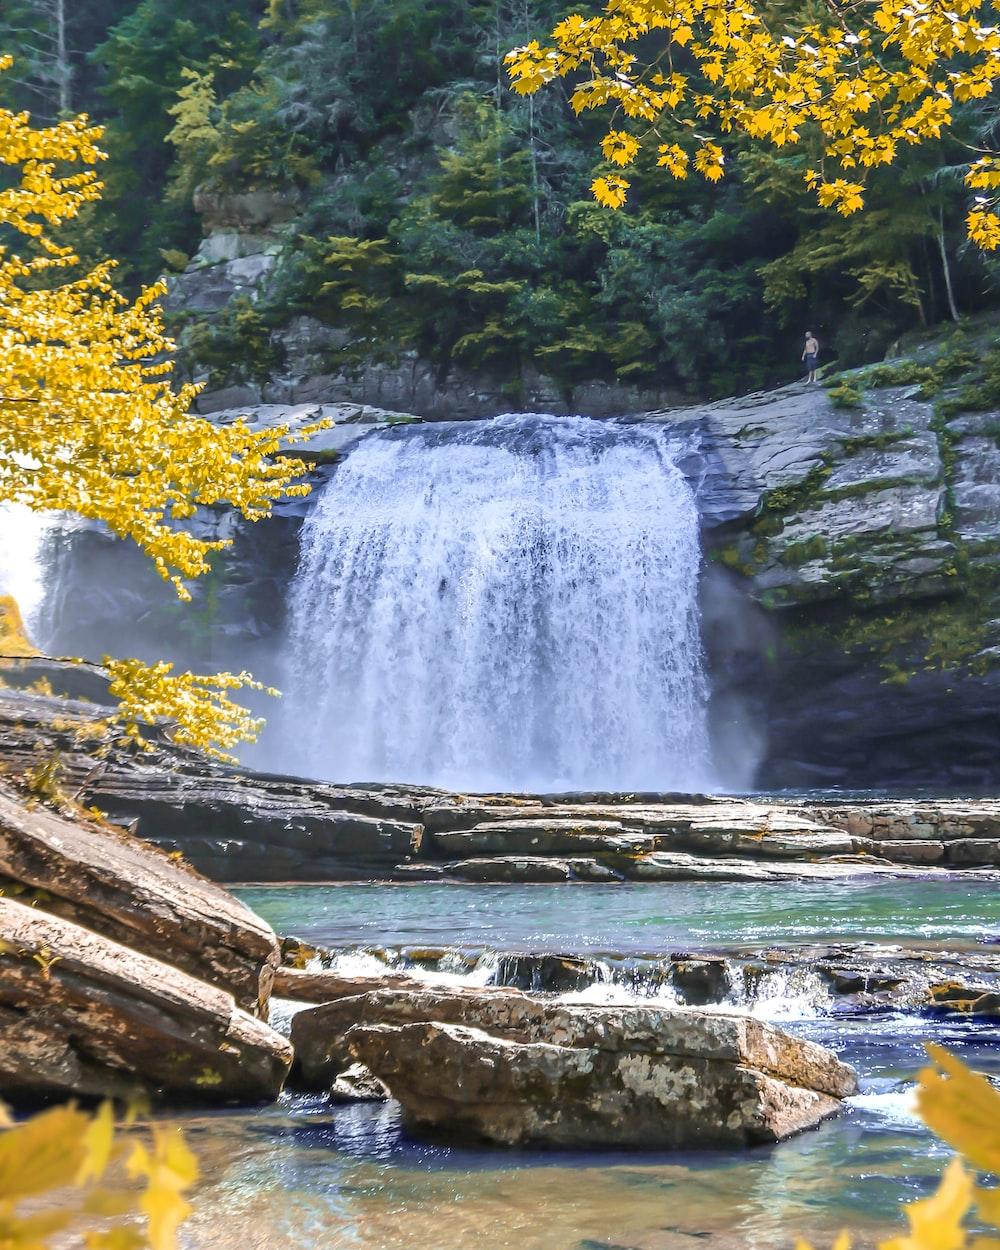 raging waterfalls